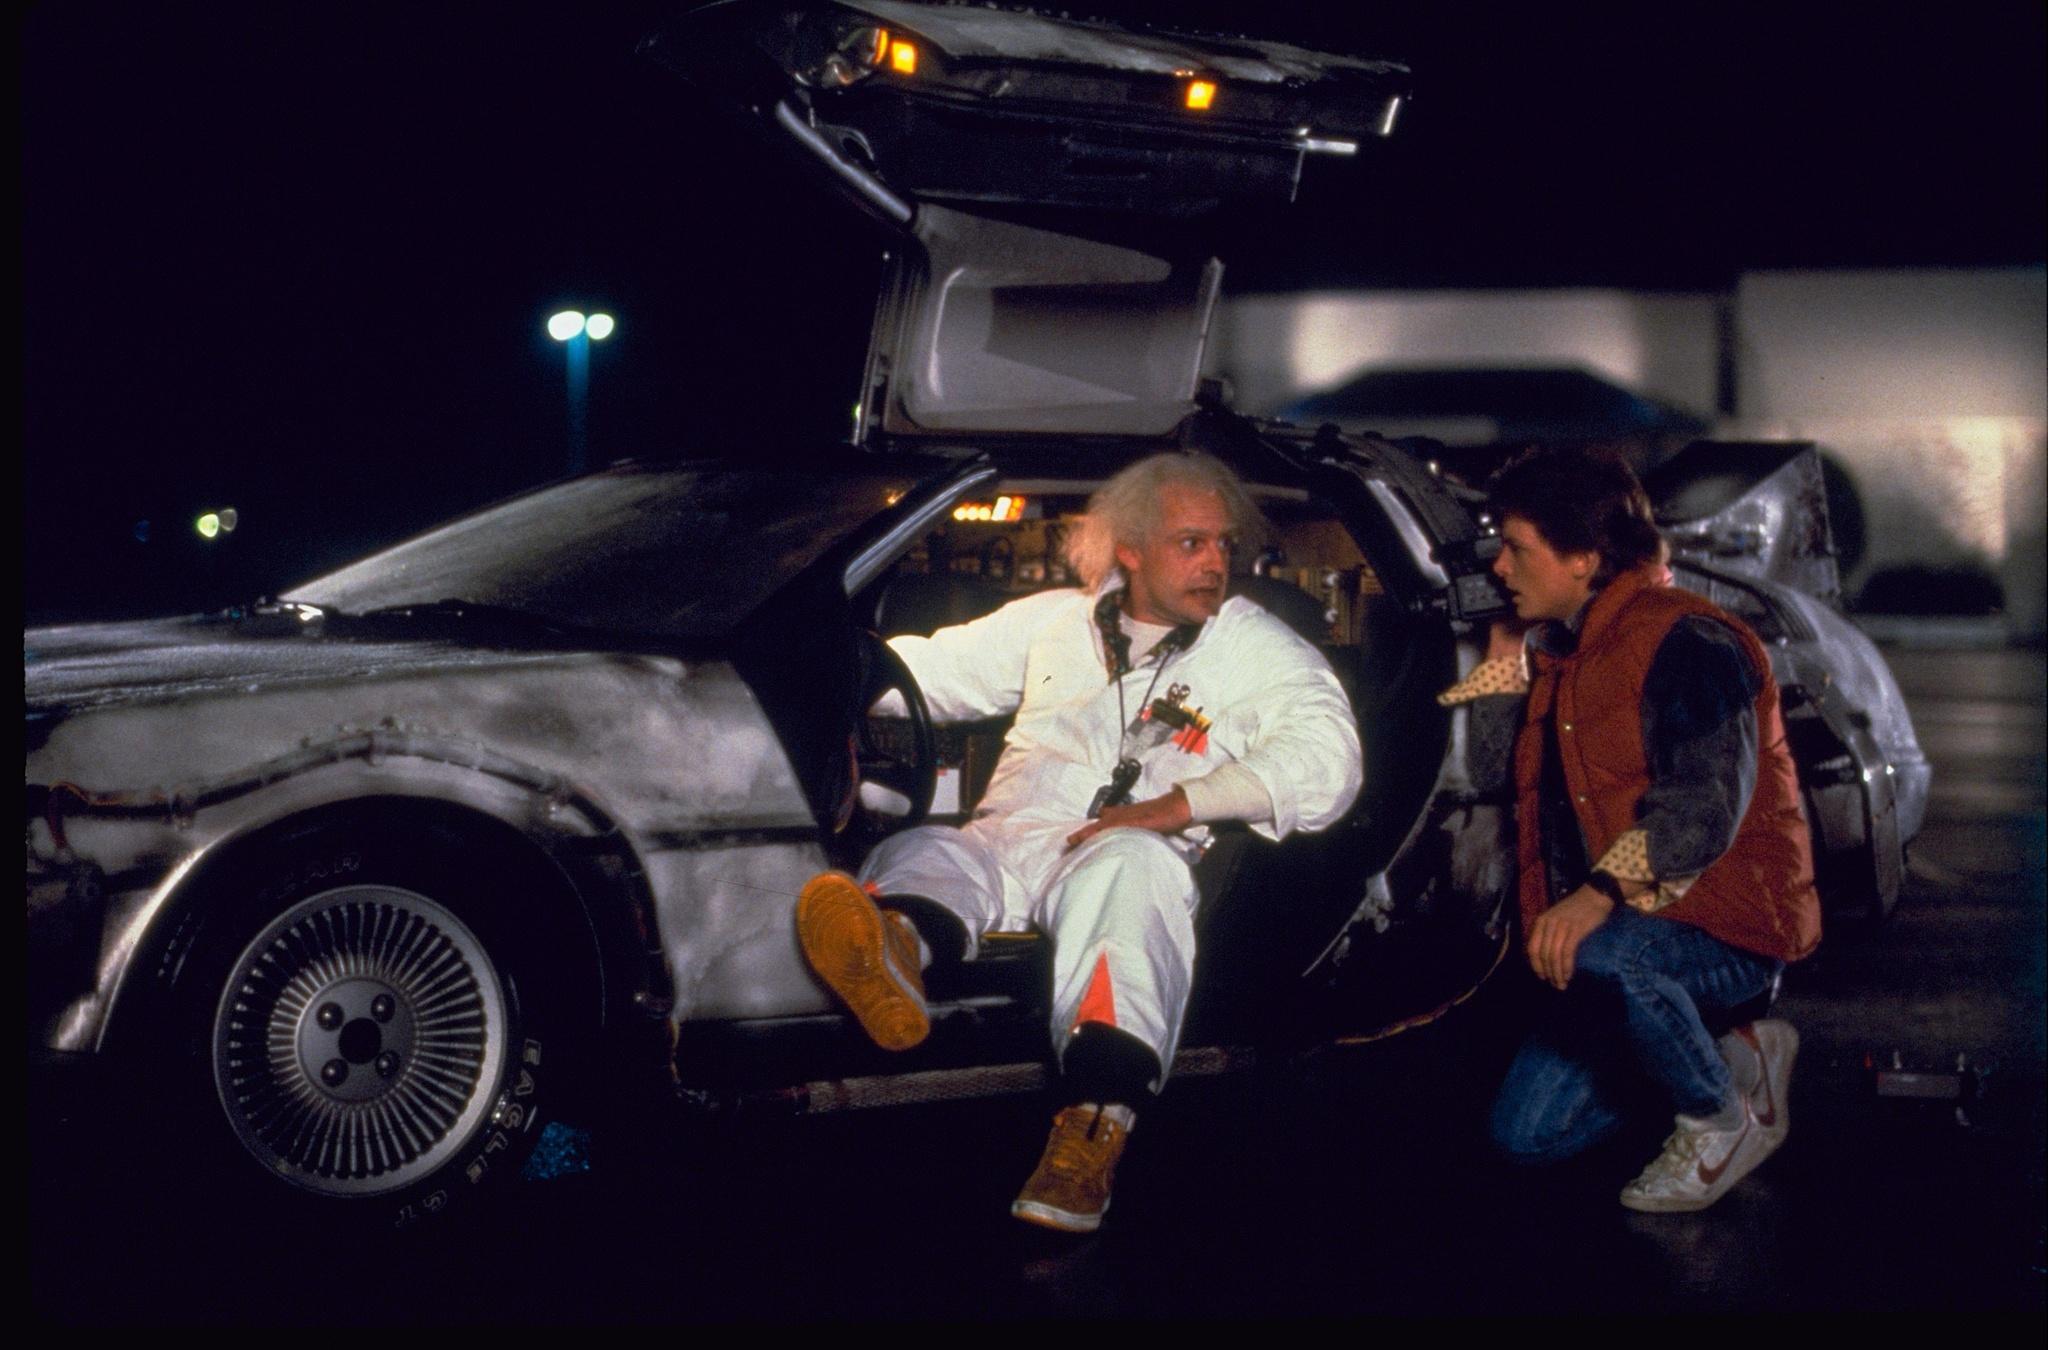 Ritorno al futuro, 30 anni senza sequel: altro che Apollo Creed